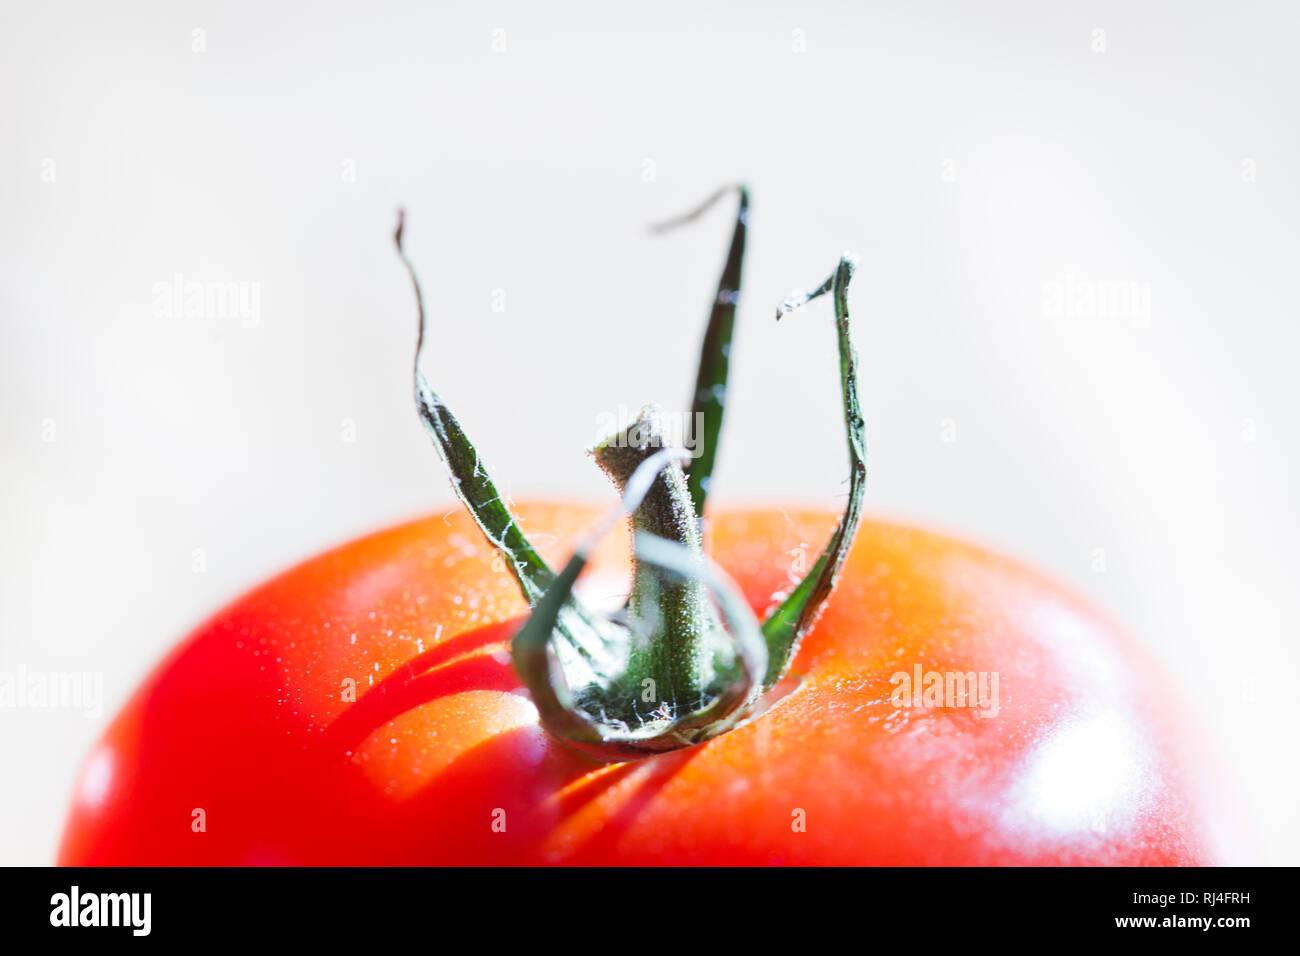 Tomate, Freisteller - Stock Image